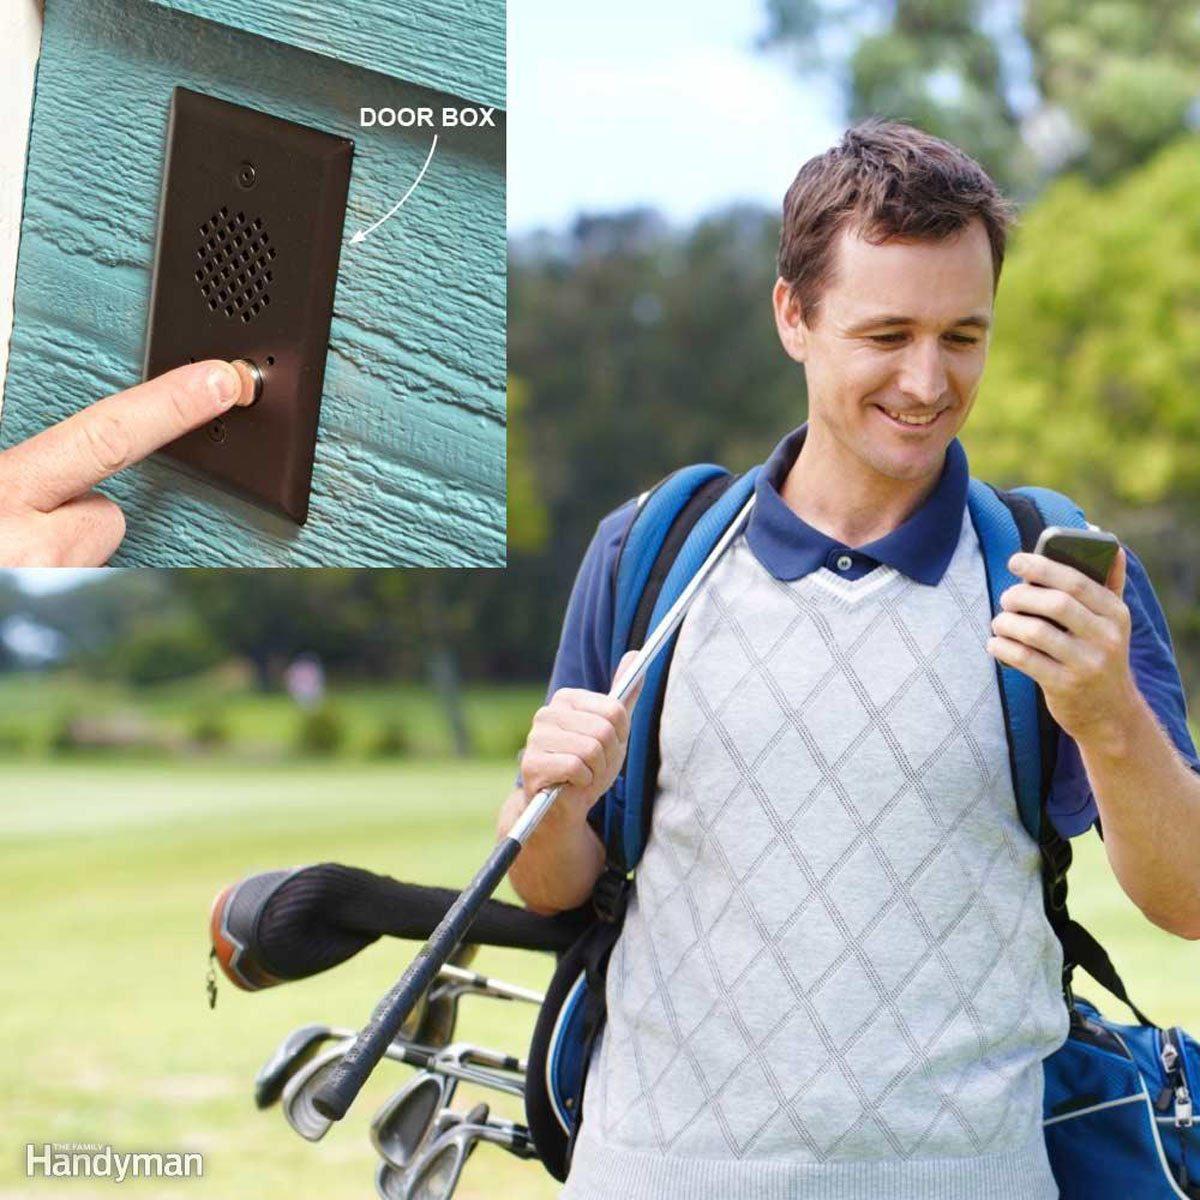 phone-door